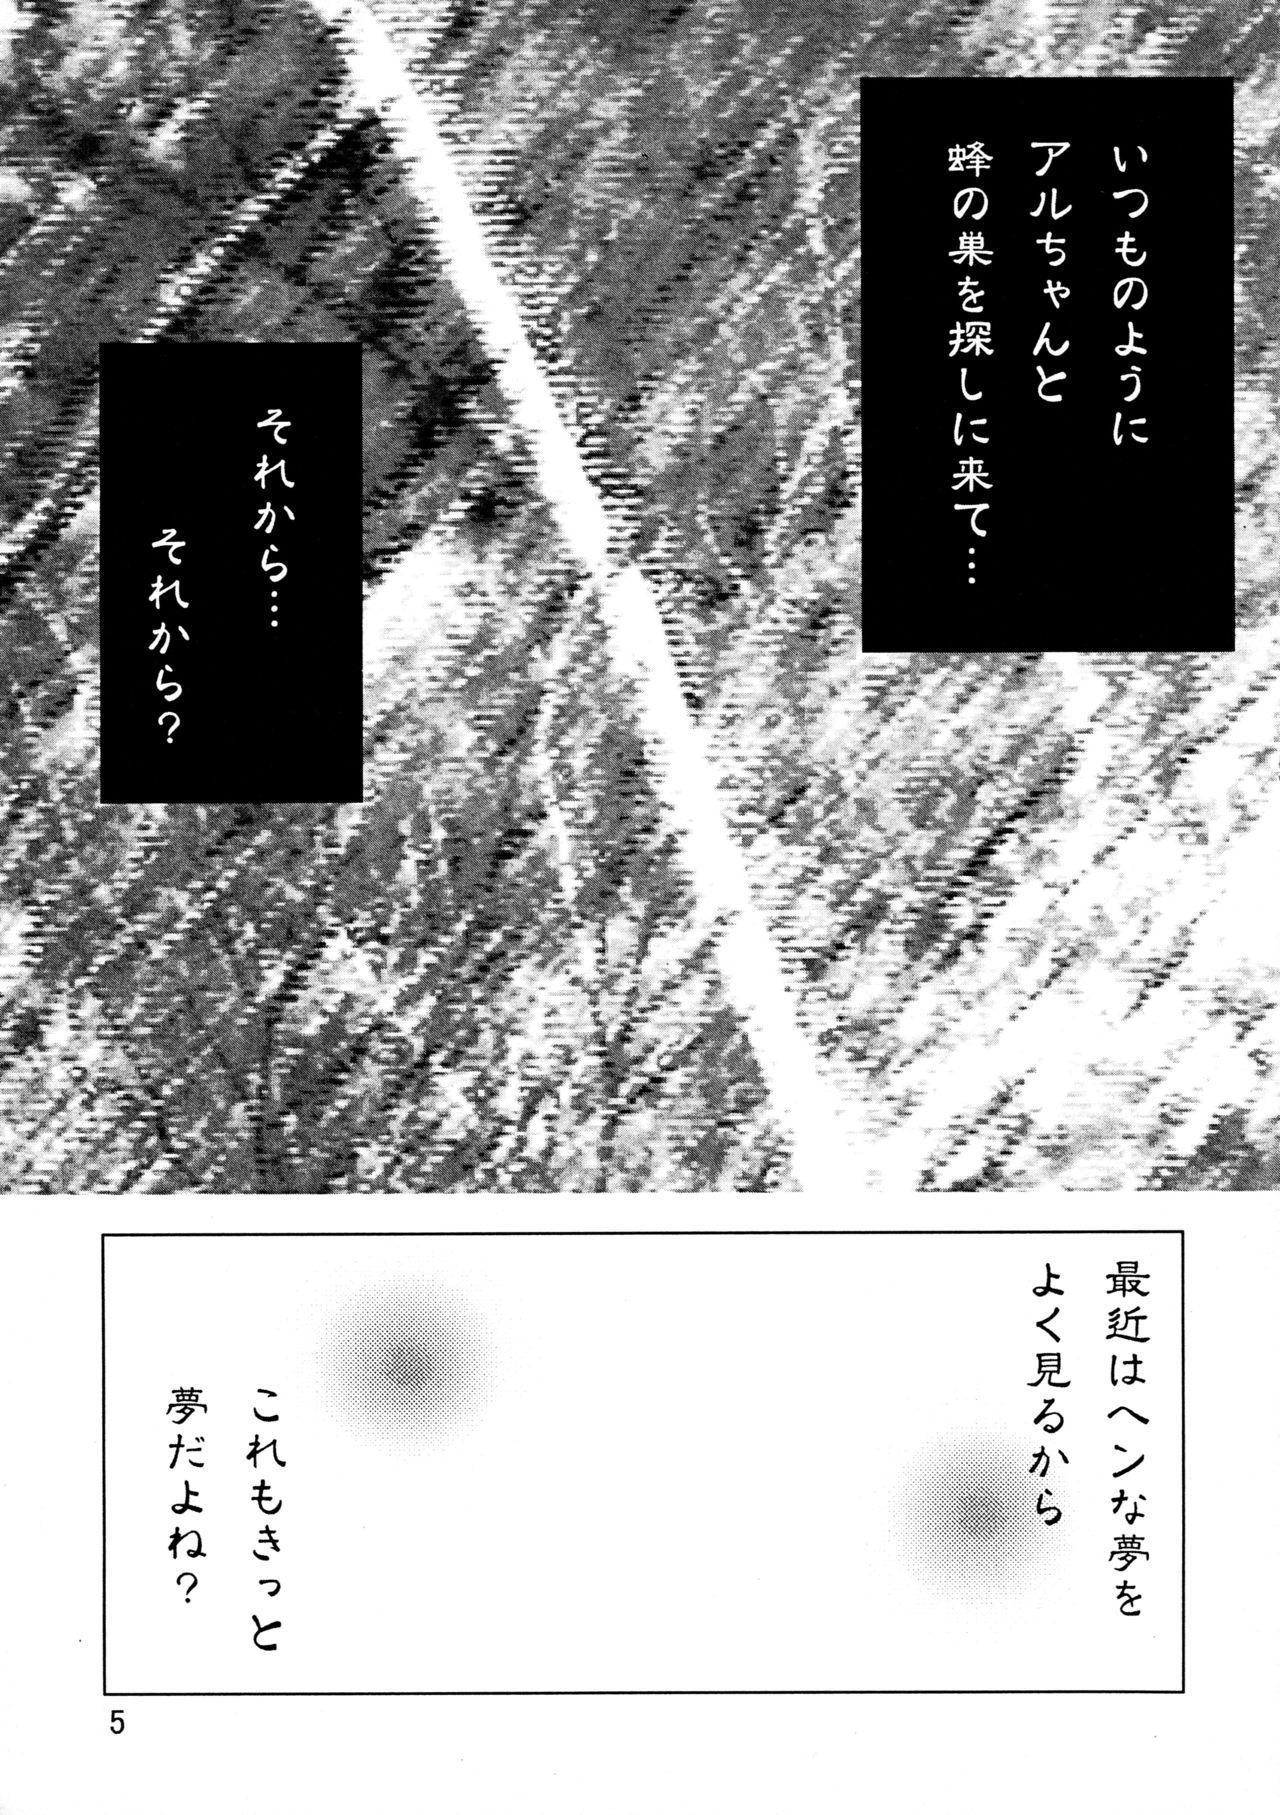 Yorokobi no Uta 4